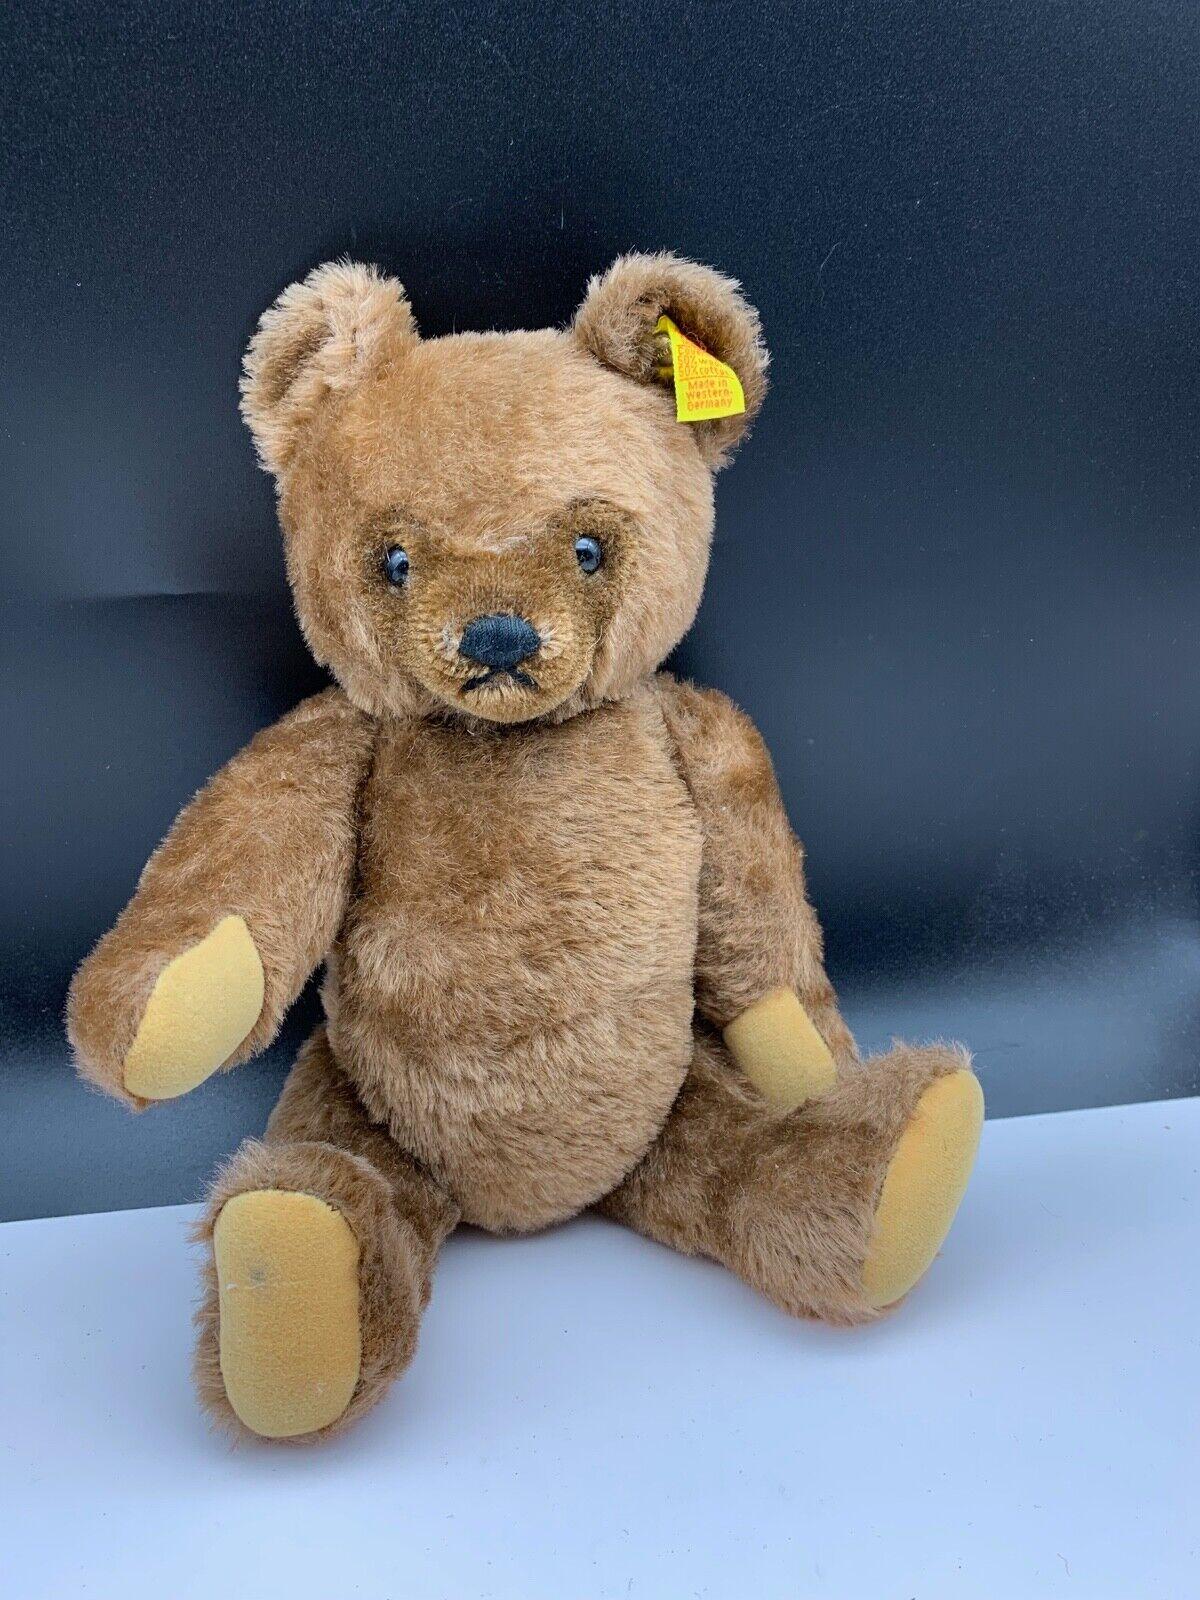 Steiff Animal 0206 36 Teddy Bear with Voice 32 Cm. Top Zustand